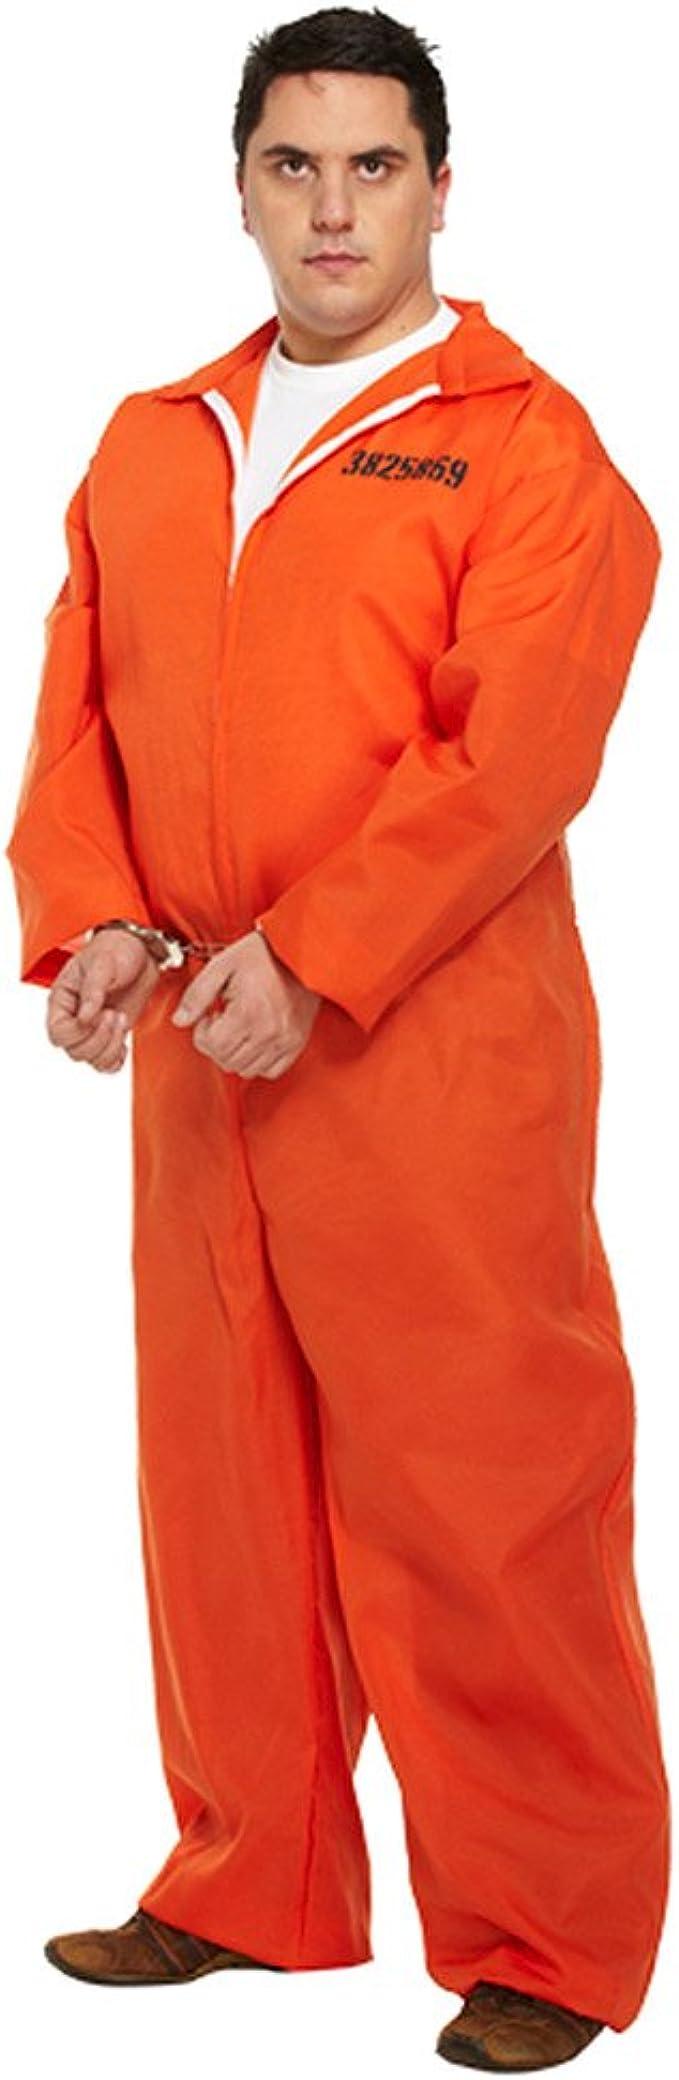 Amazon.com: Prisoner Plus tamaño disfraz (Naranja): Clothing